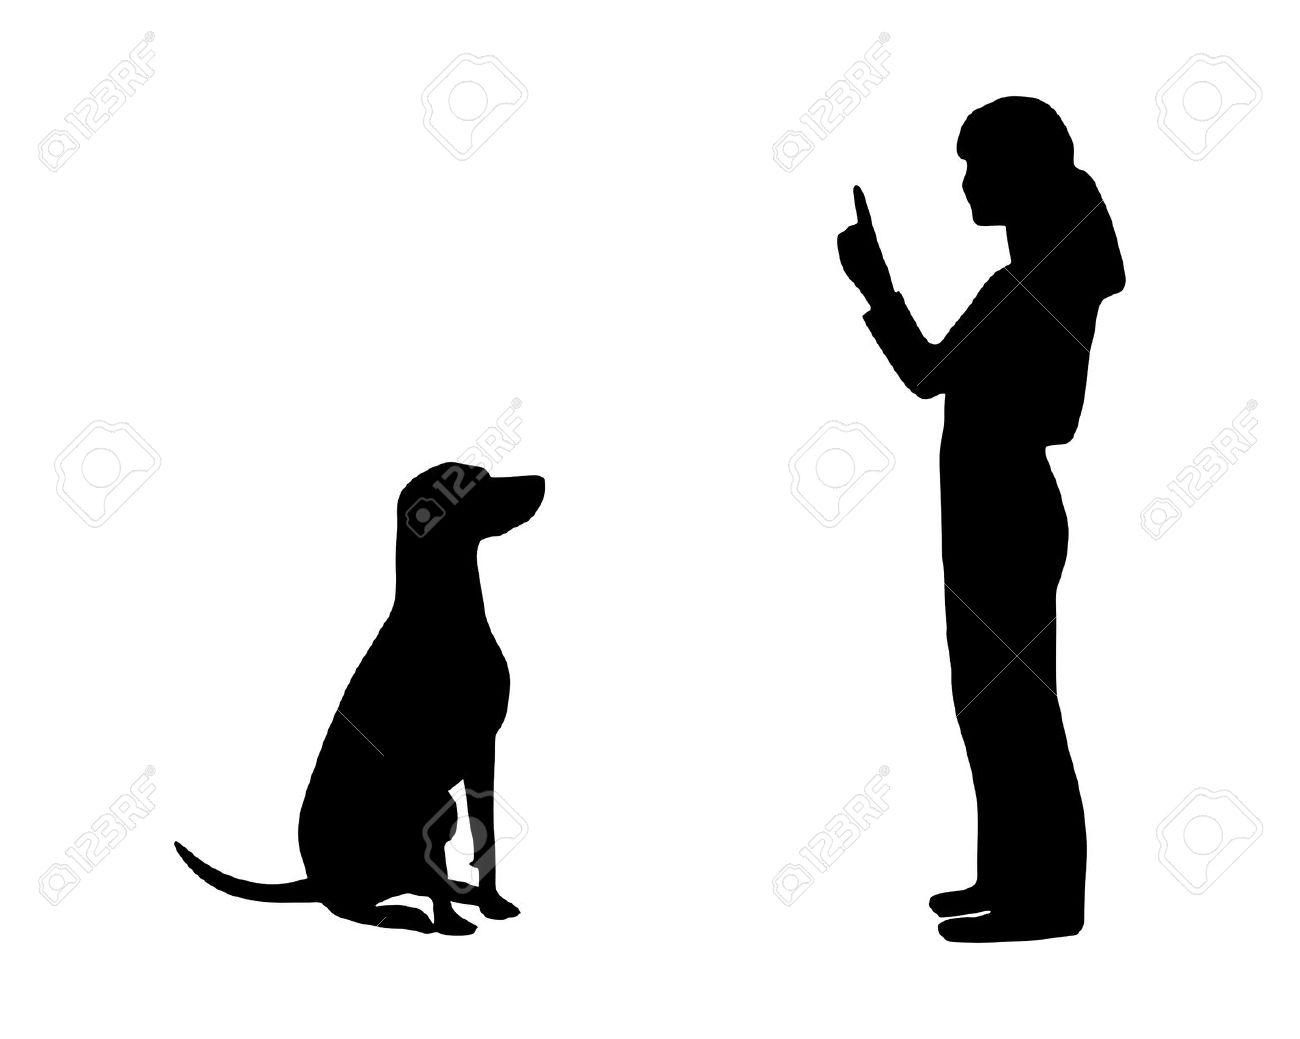 Dog Walking Silhouette Human